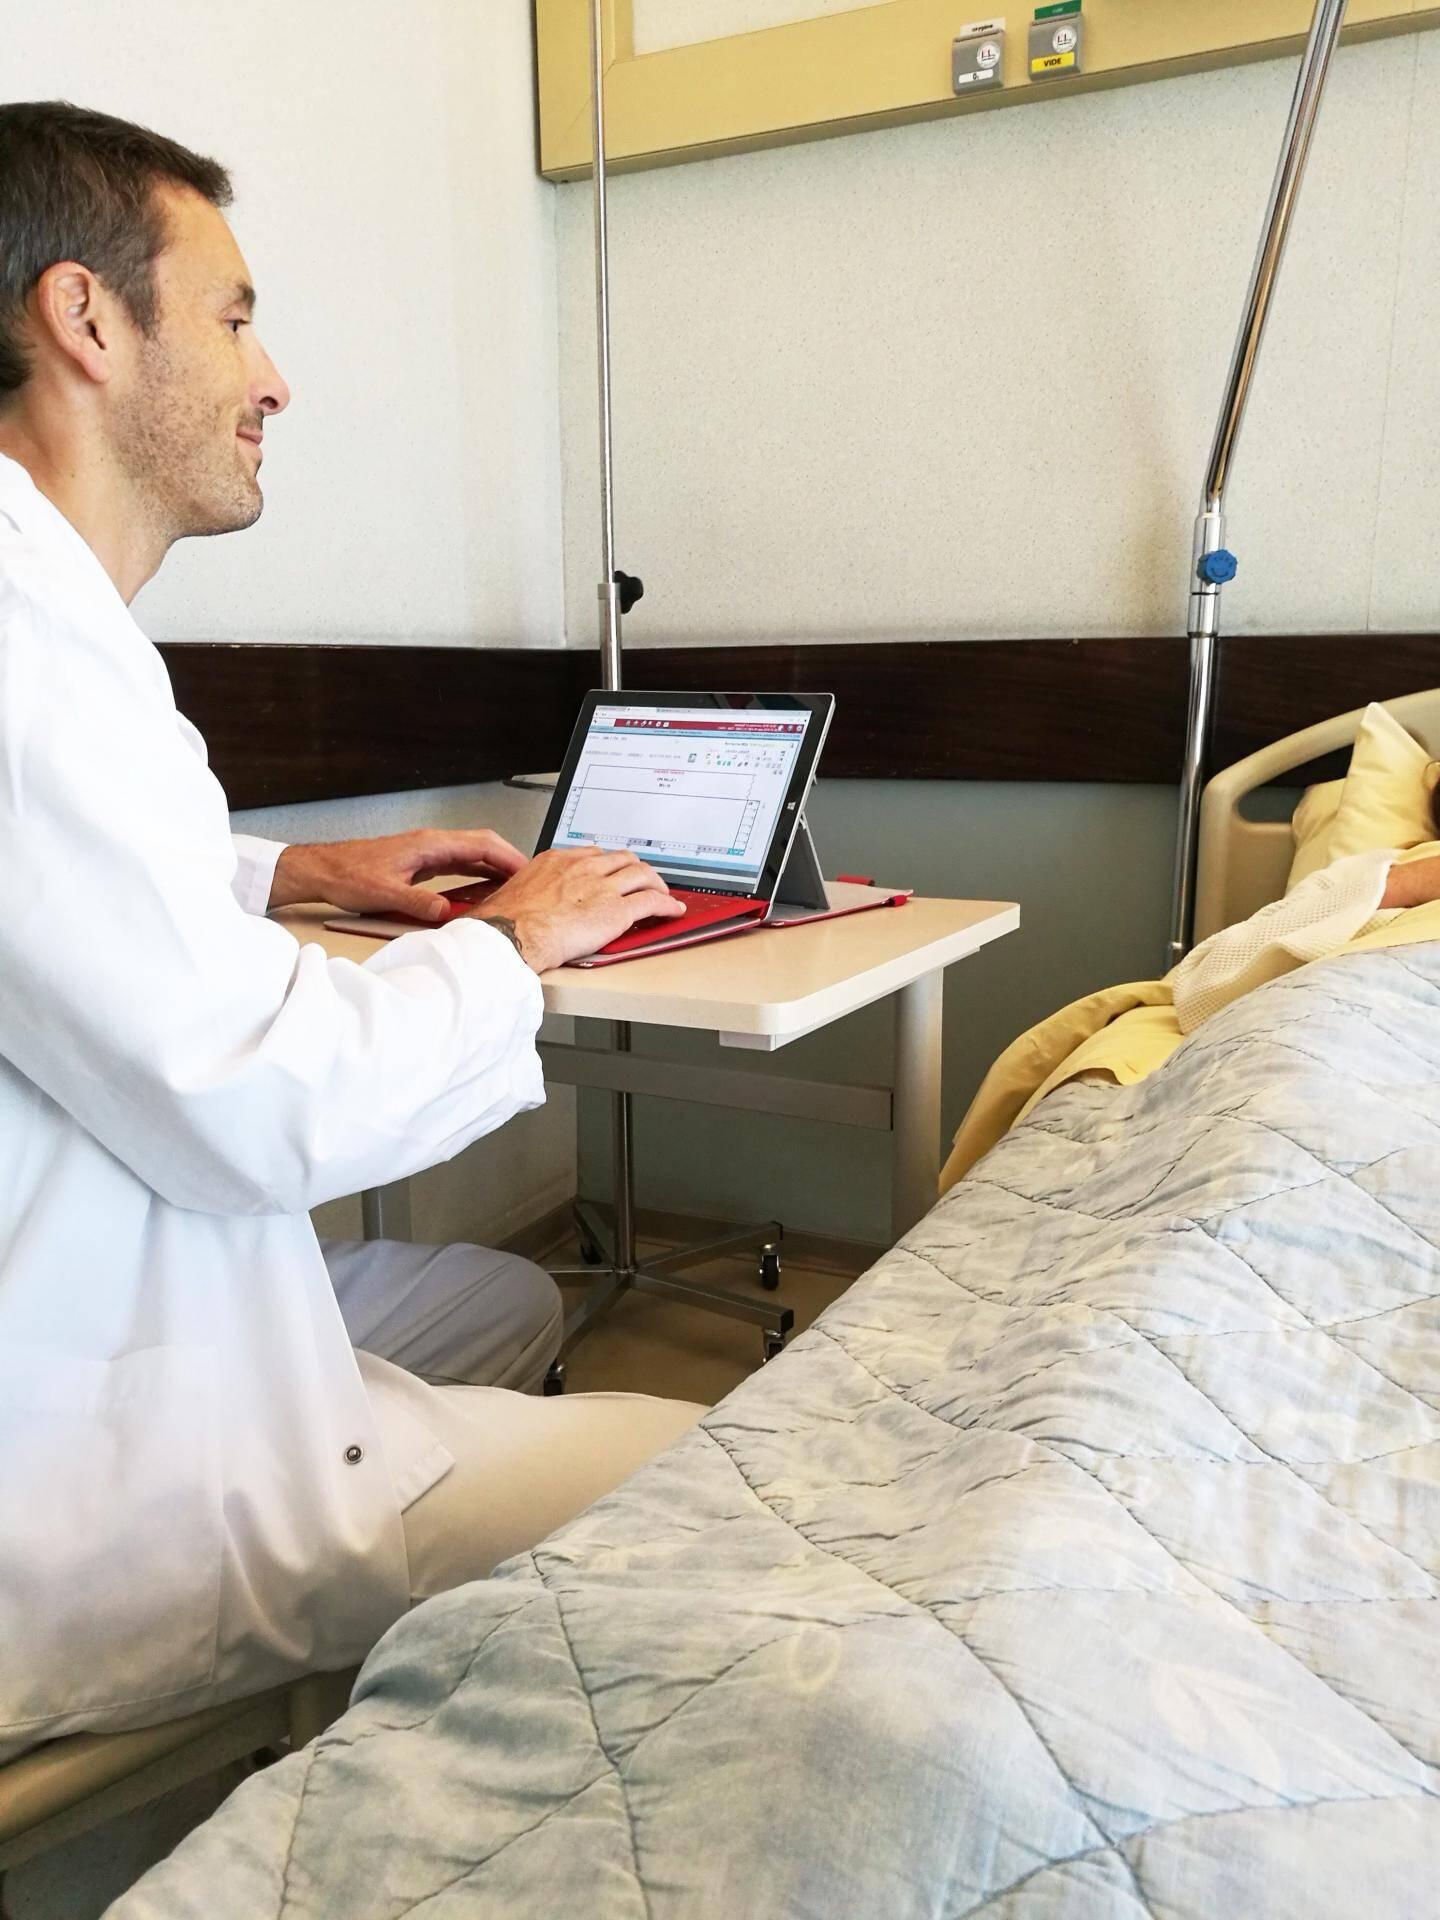 À terme, tous les médecins et infirmiers seront dotés d'une tablette ou d'un smartphone pour saisir les données médicales directement au lit des patients.